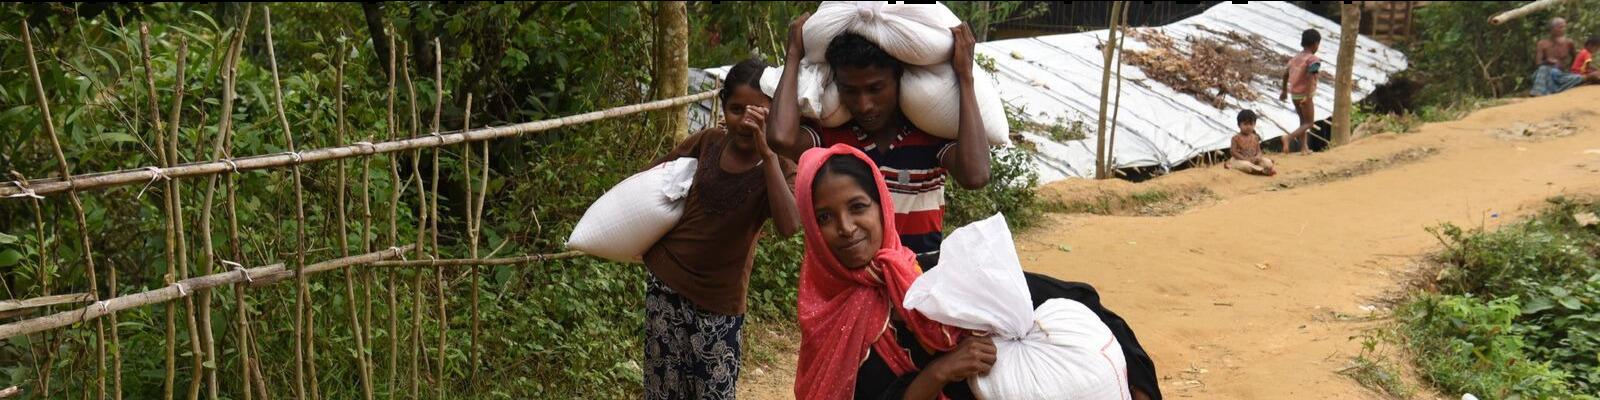 Myanmar-Bangladesh refugee crisis update